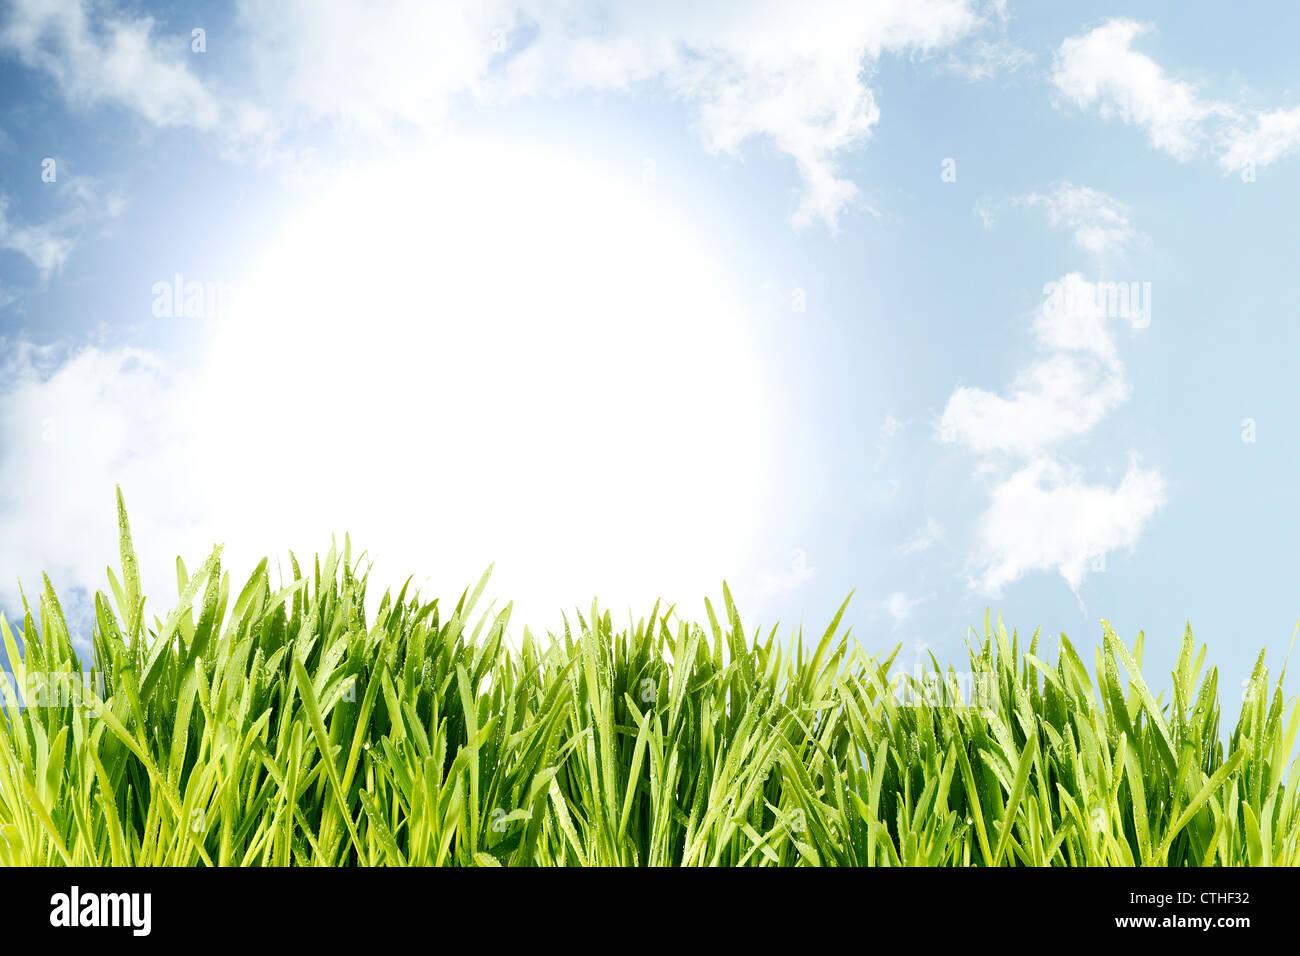 green wet grass blue sky rising sun - Stock Image